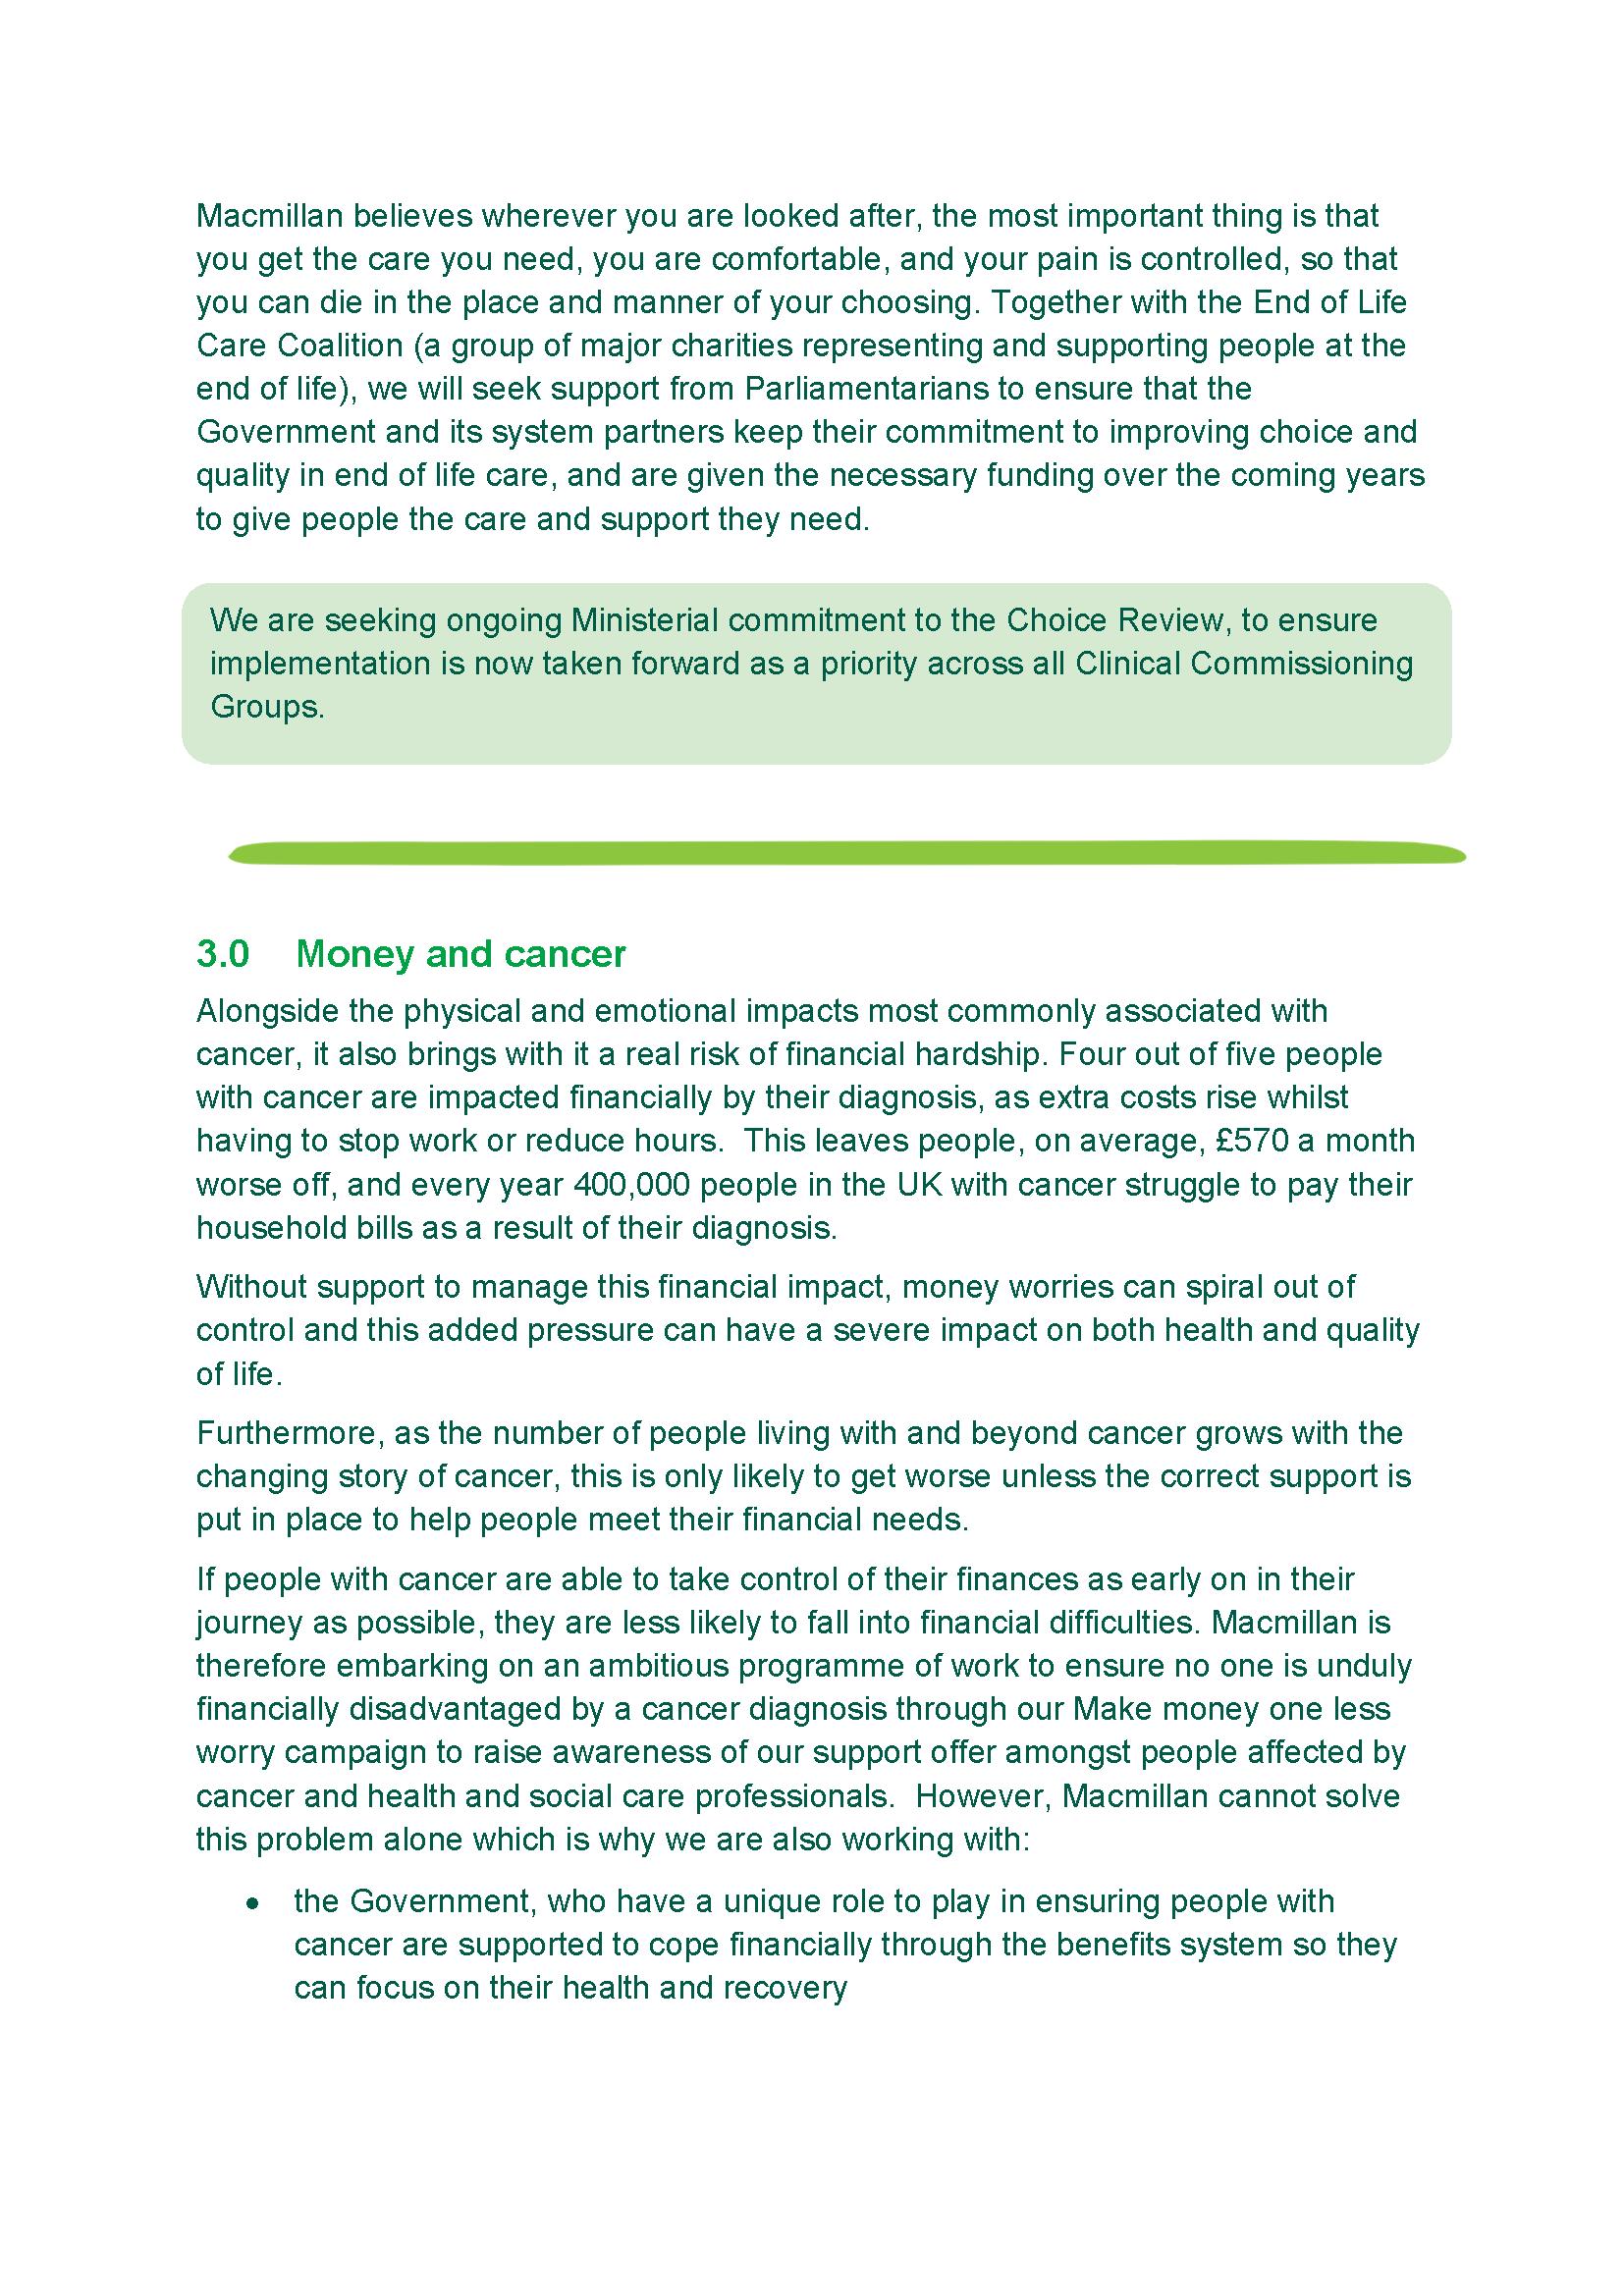 macmillan-briefing-october-2016_page_4